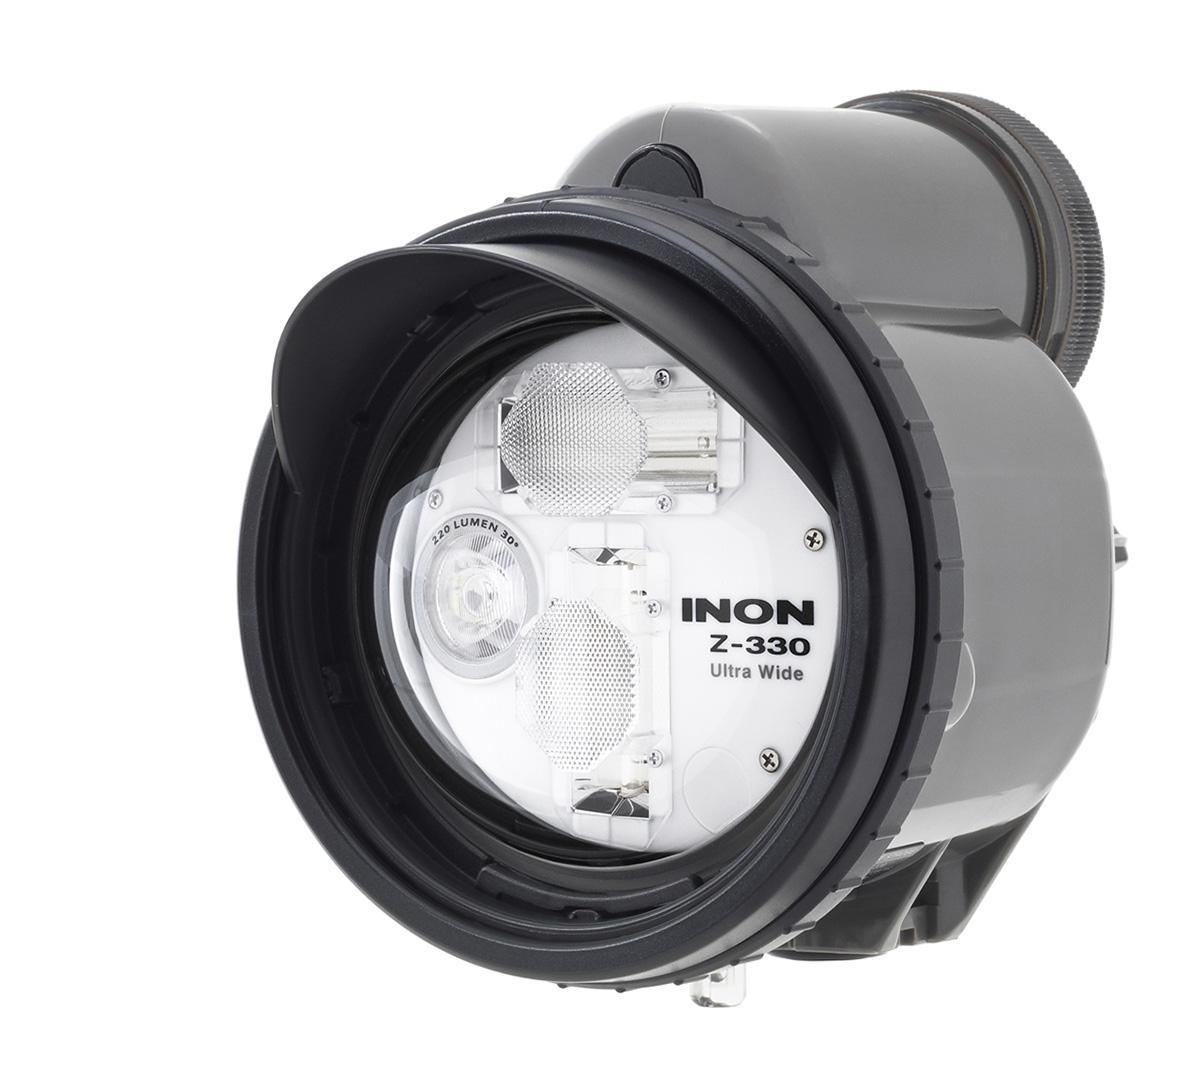 Review of Inon Z-330 Ultra Wide Strobe